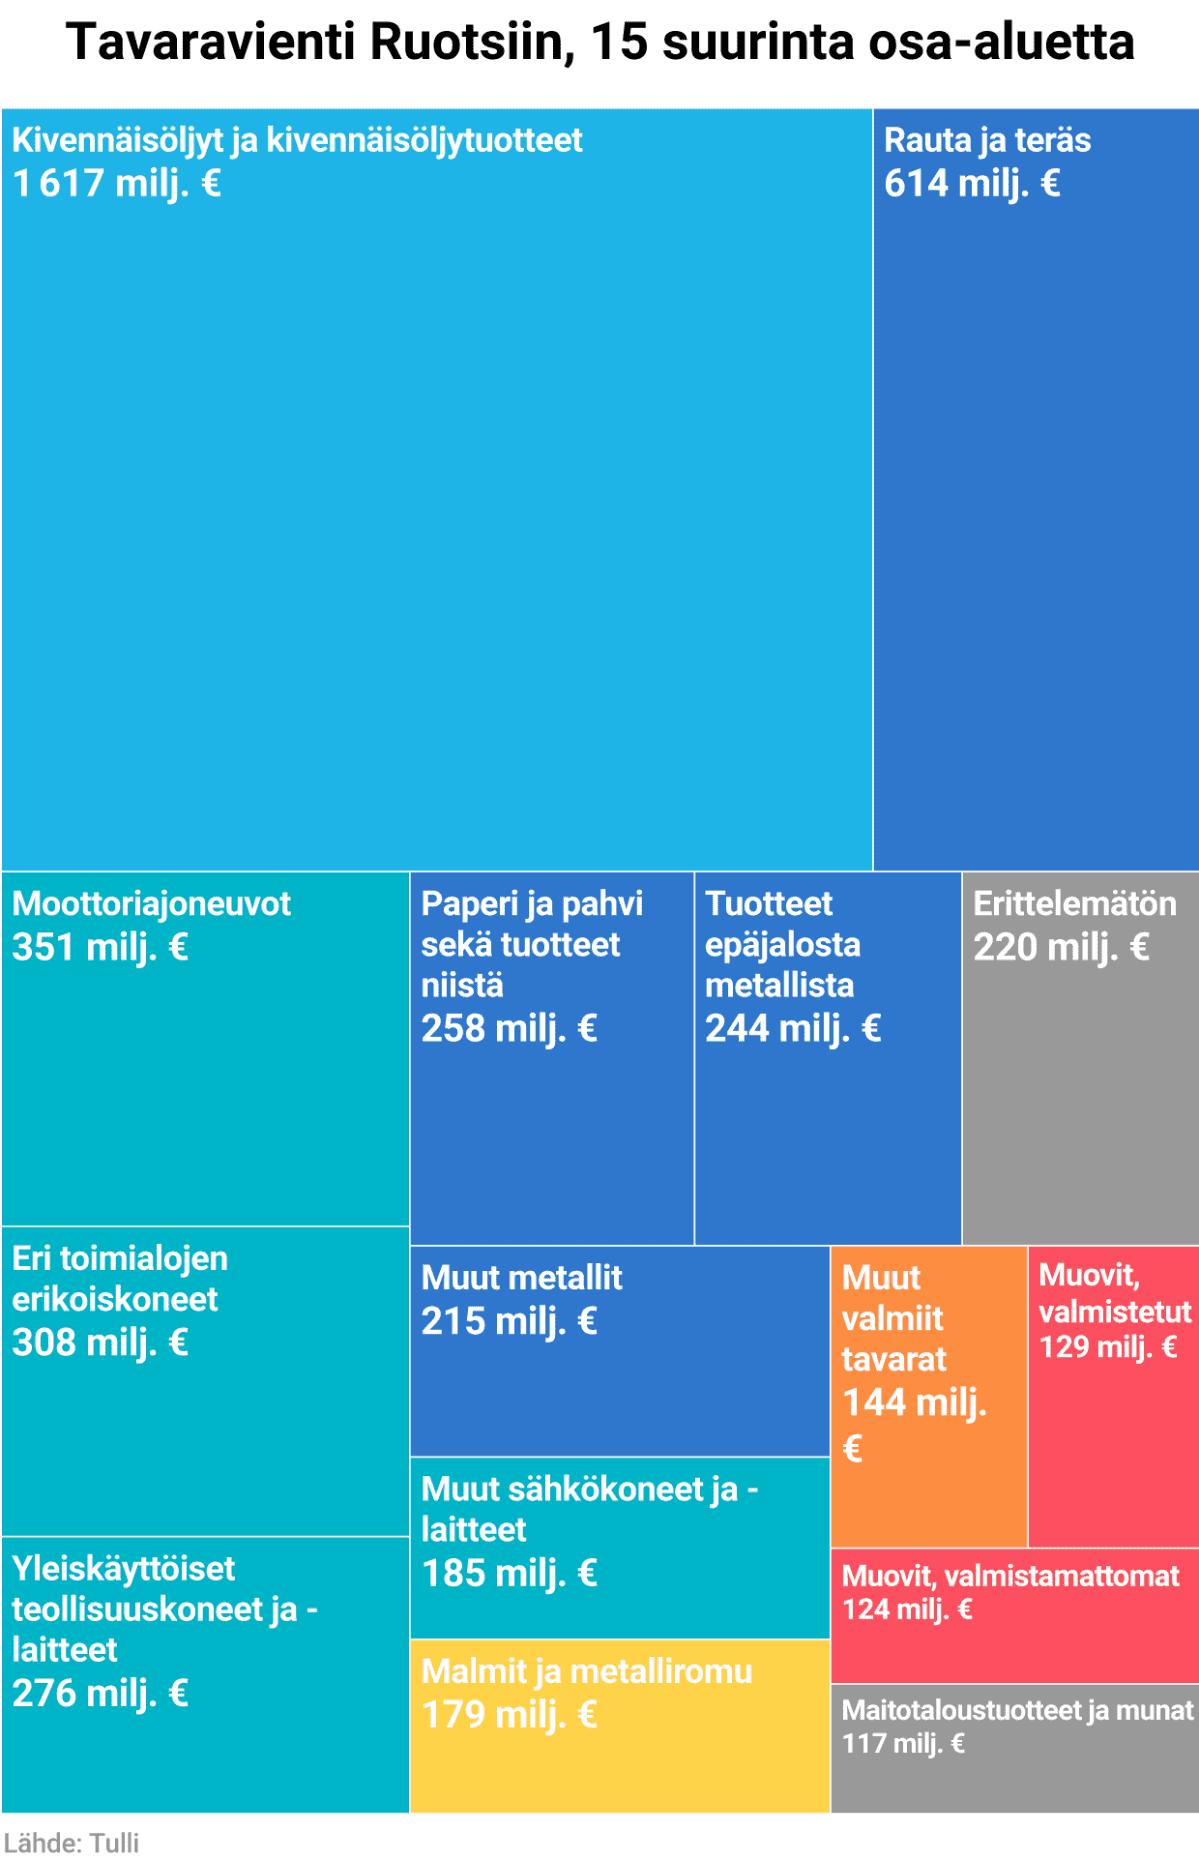 Tavaravienti Ruotsiin, 15 suurinta osa-aluetta